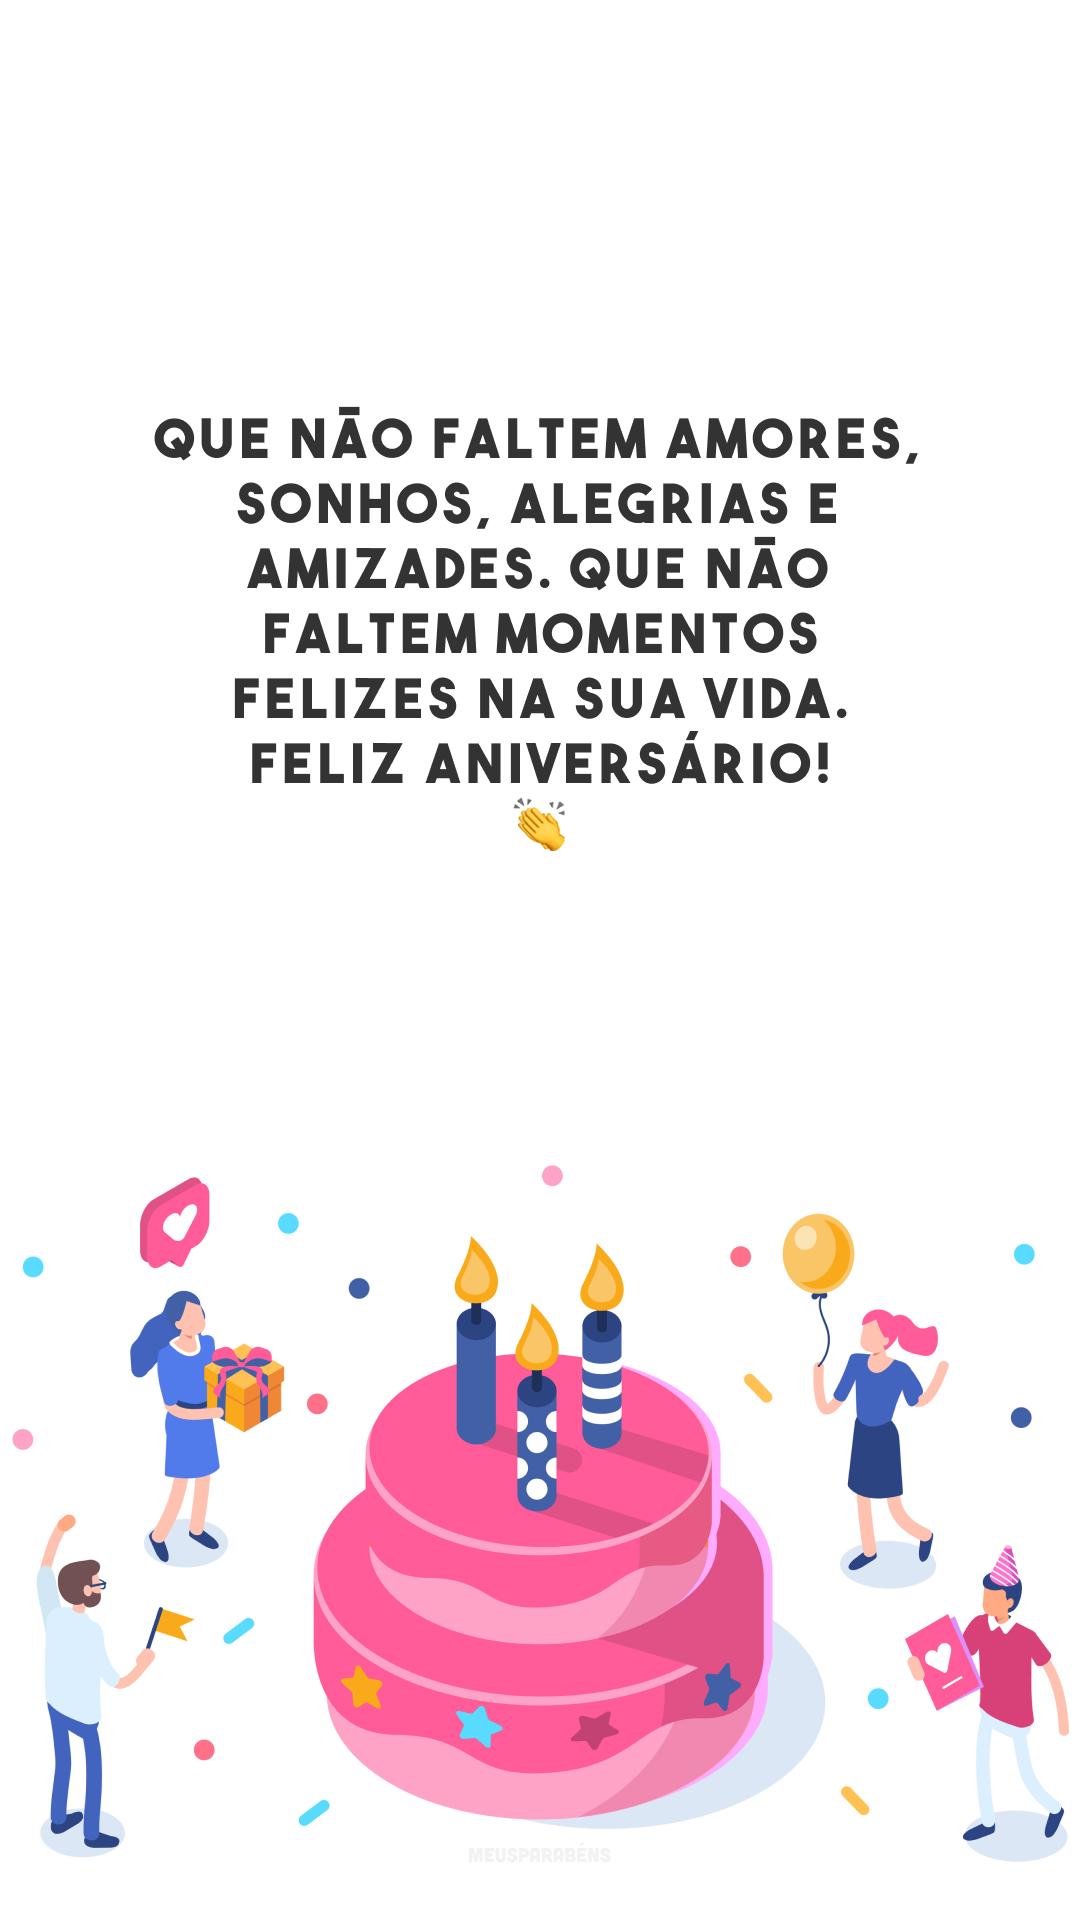 Que não faltem amores, sonhos, alegrias e amizades. Que não faltem momentos felizes na sua vida. Feliz aniversário! 👏